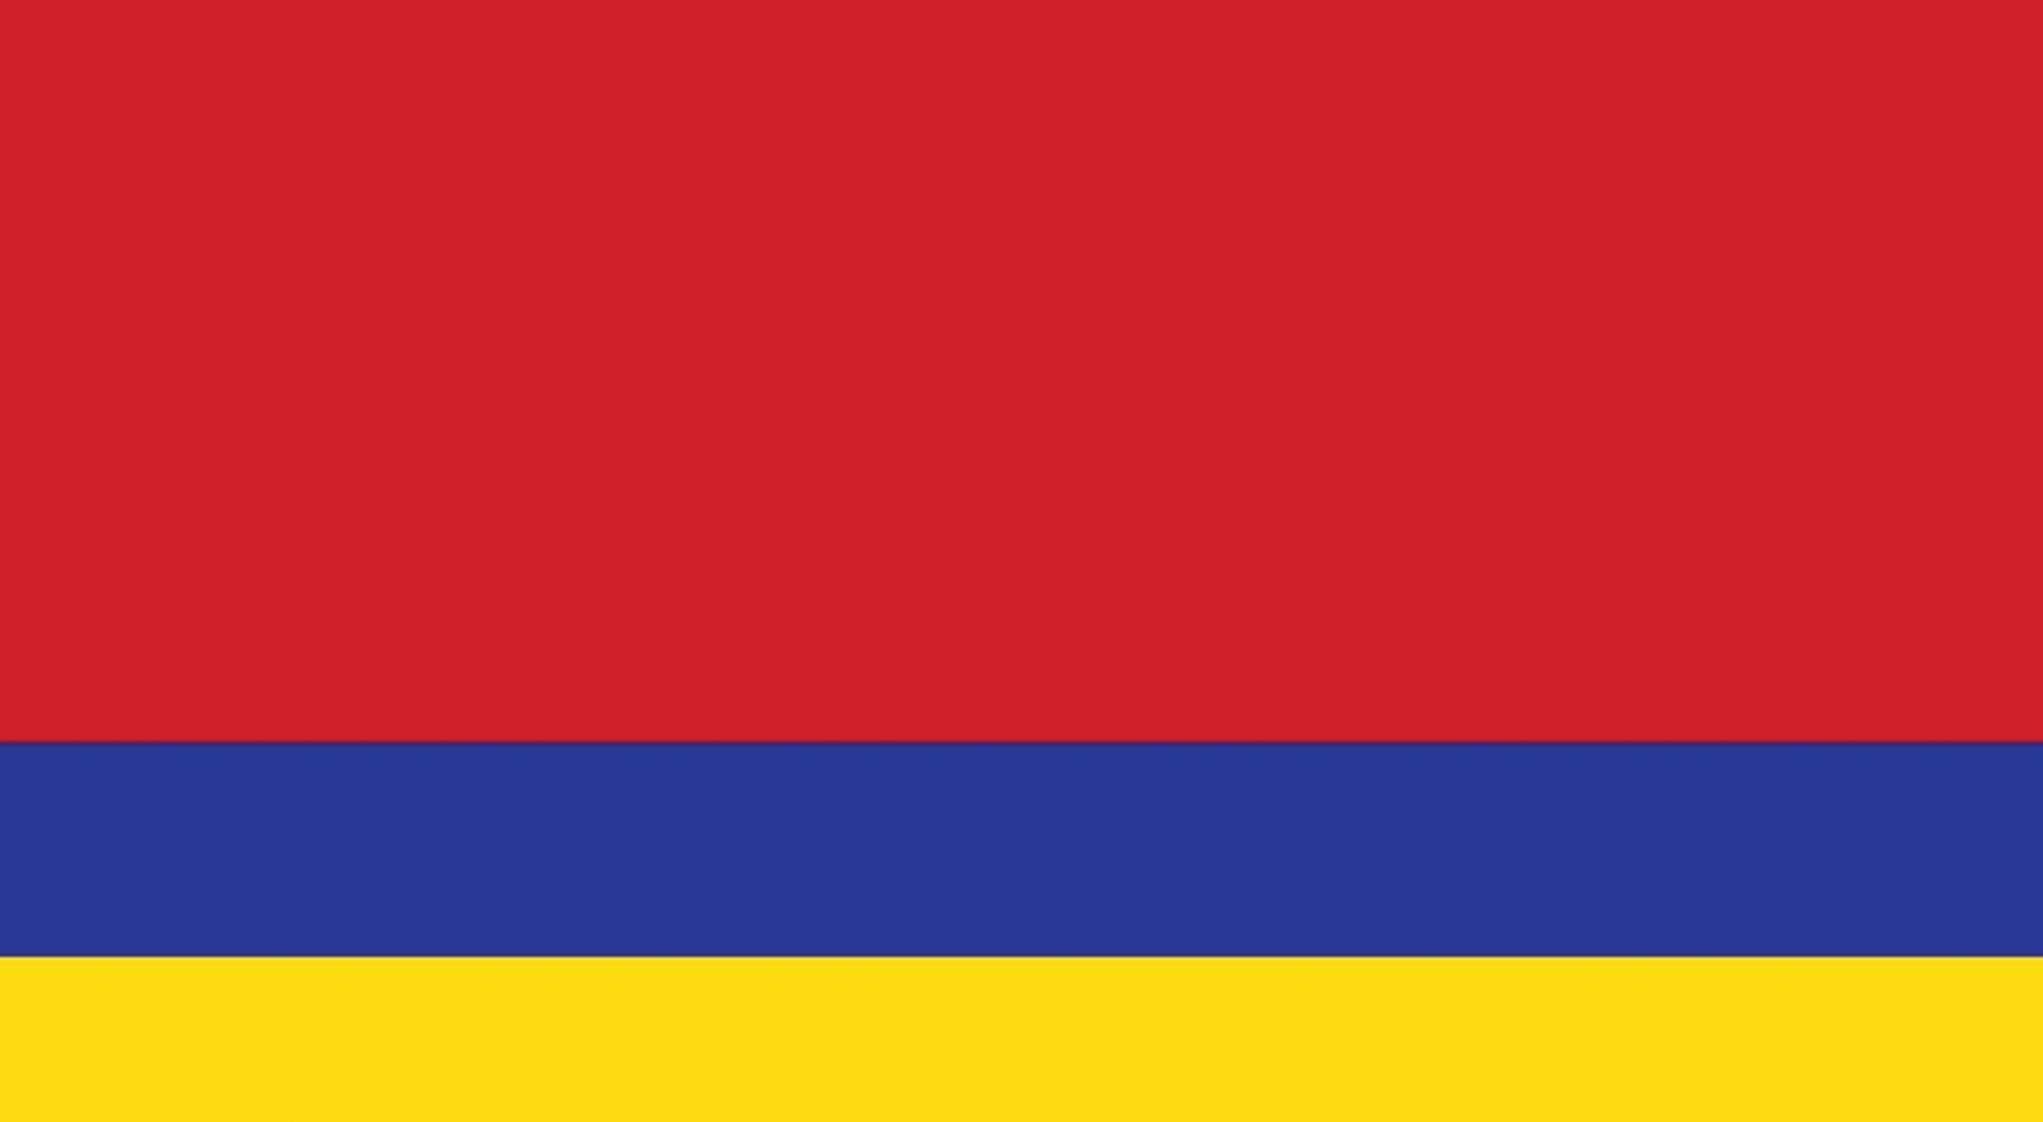 Cabecera con la bandera de Colombia